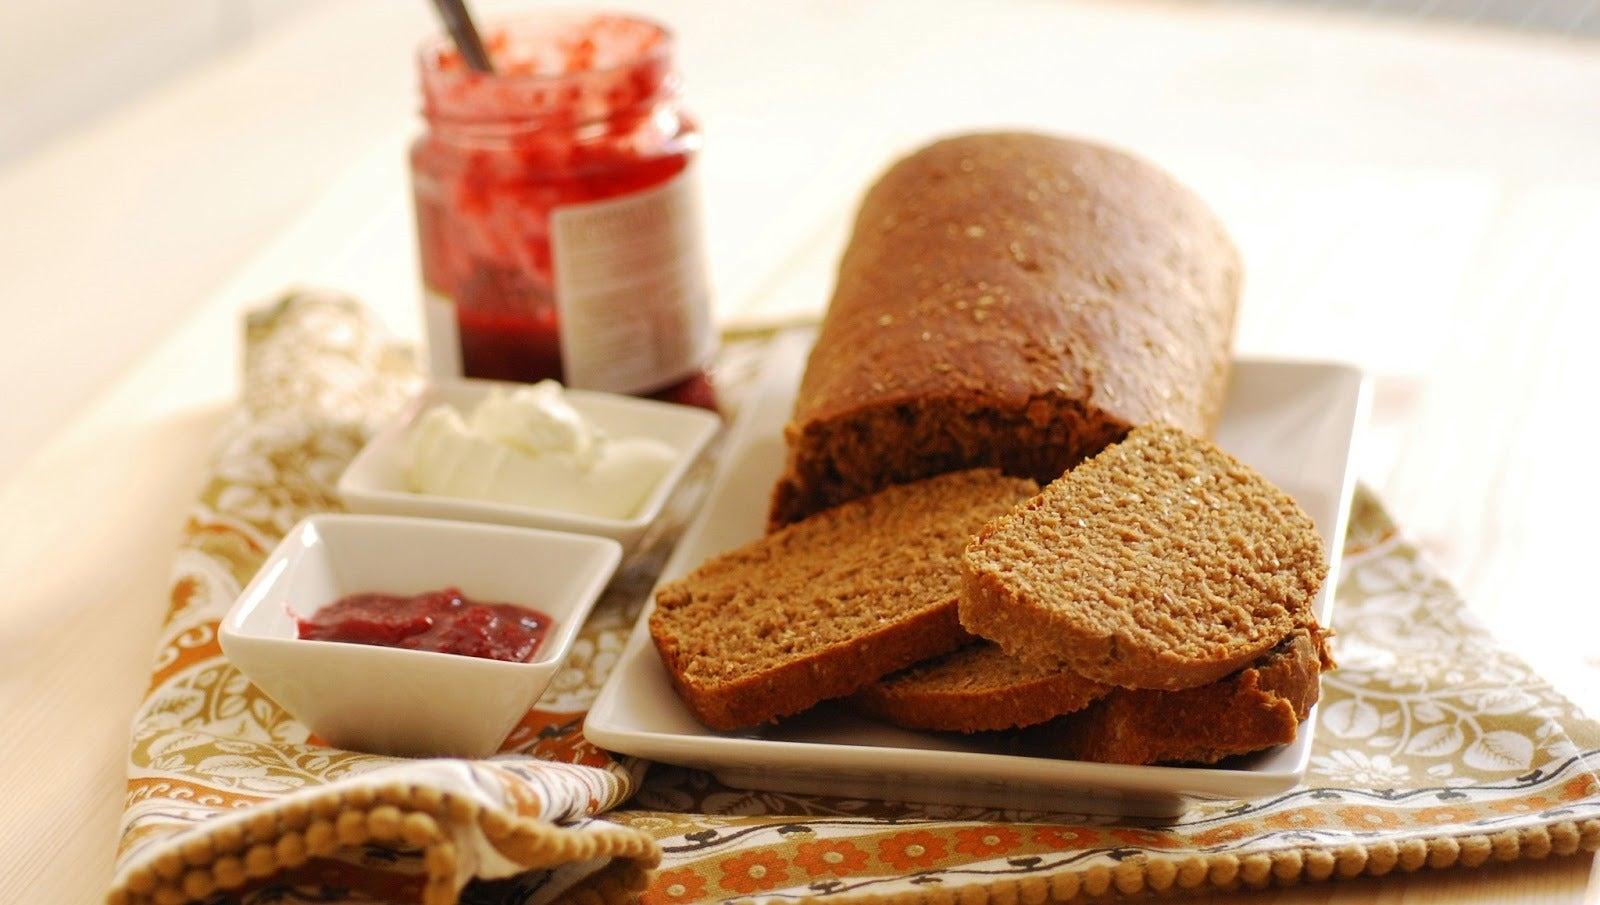 Adelgazar comiendo pan: ¡Descubre cuál es el mejor!